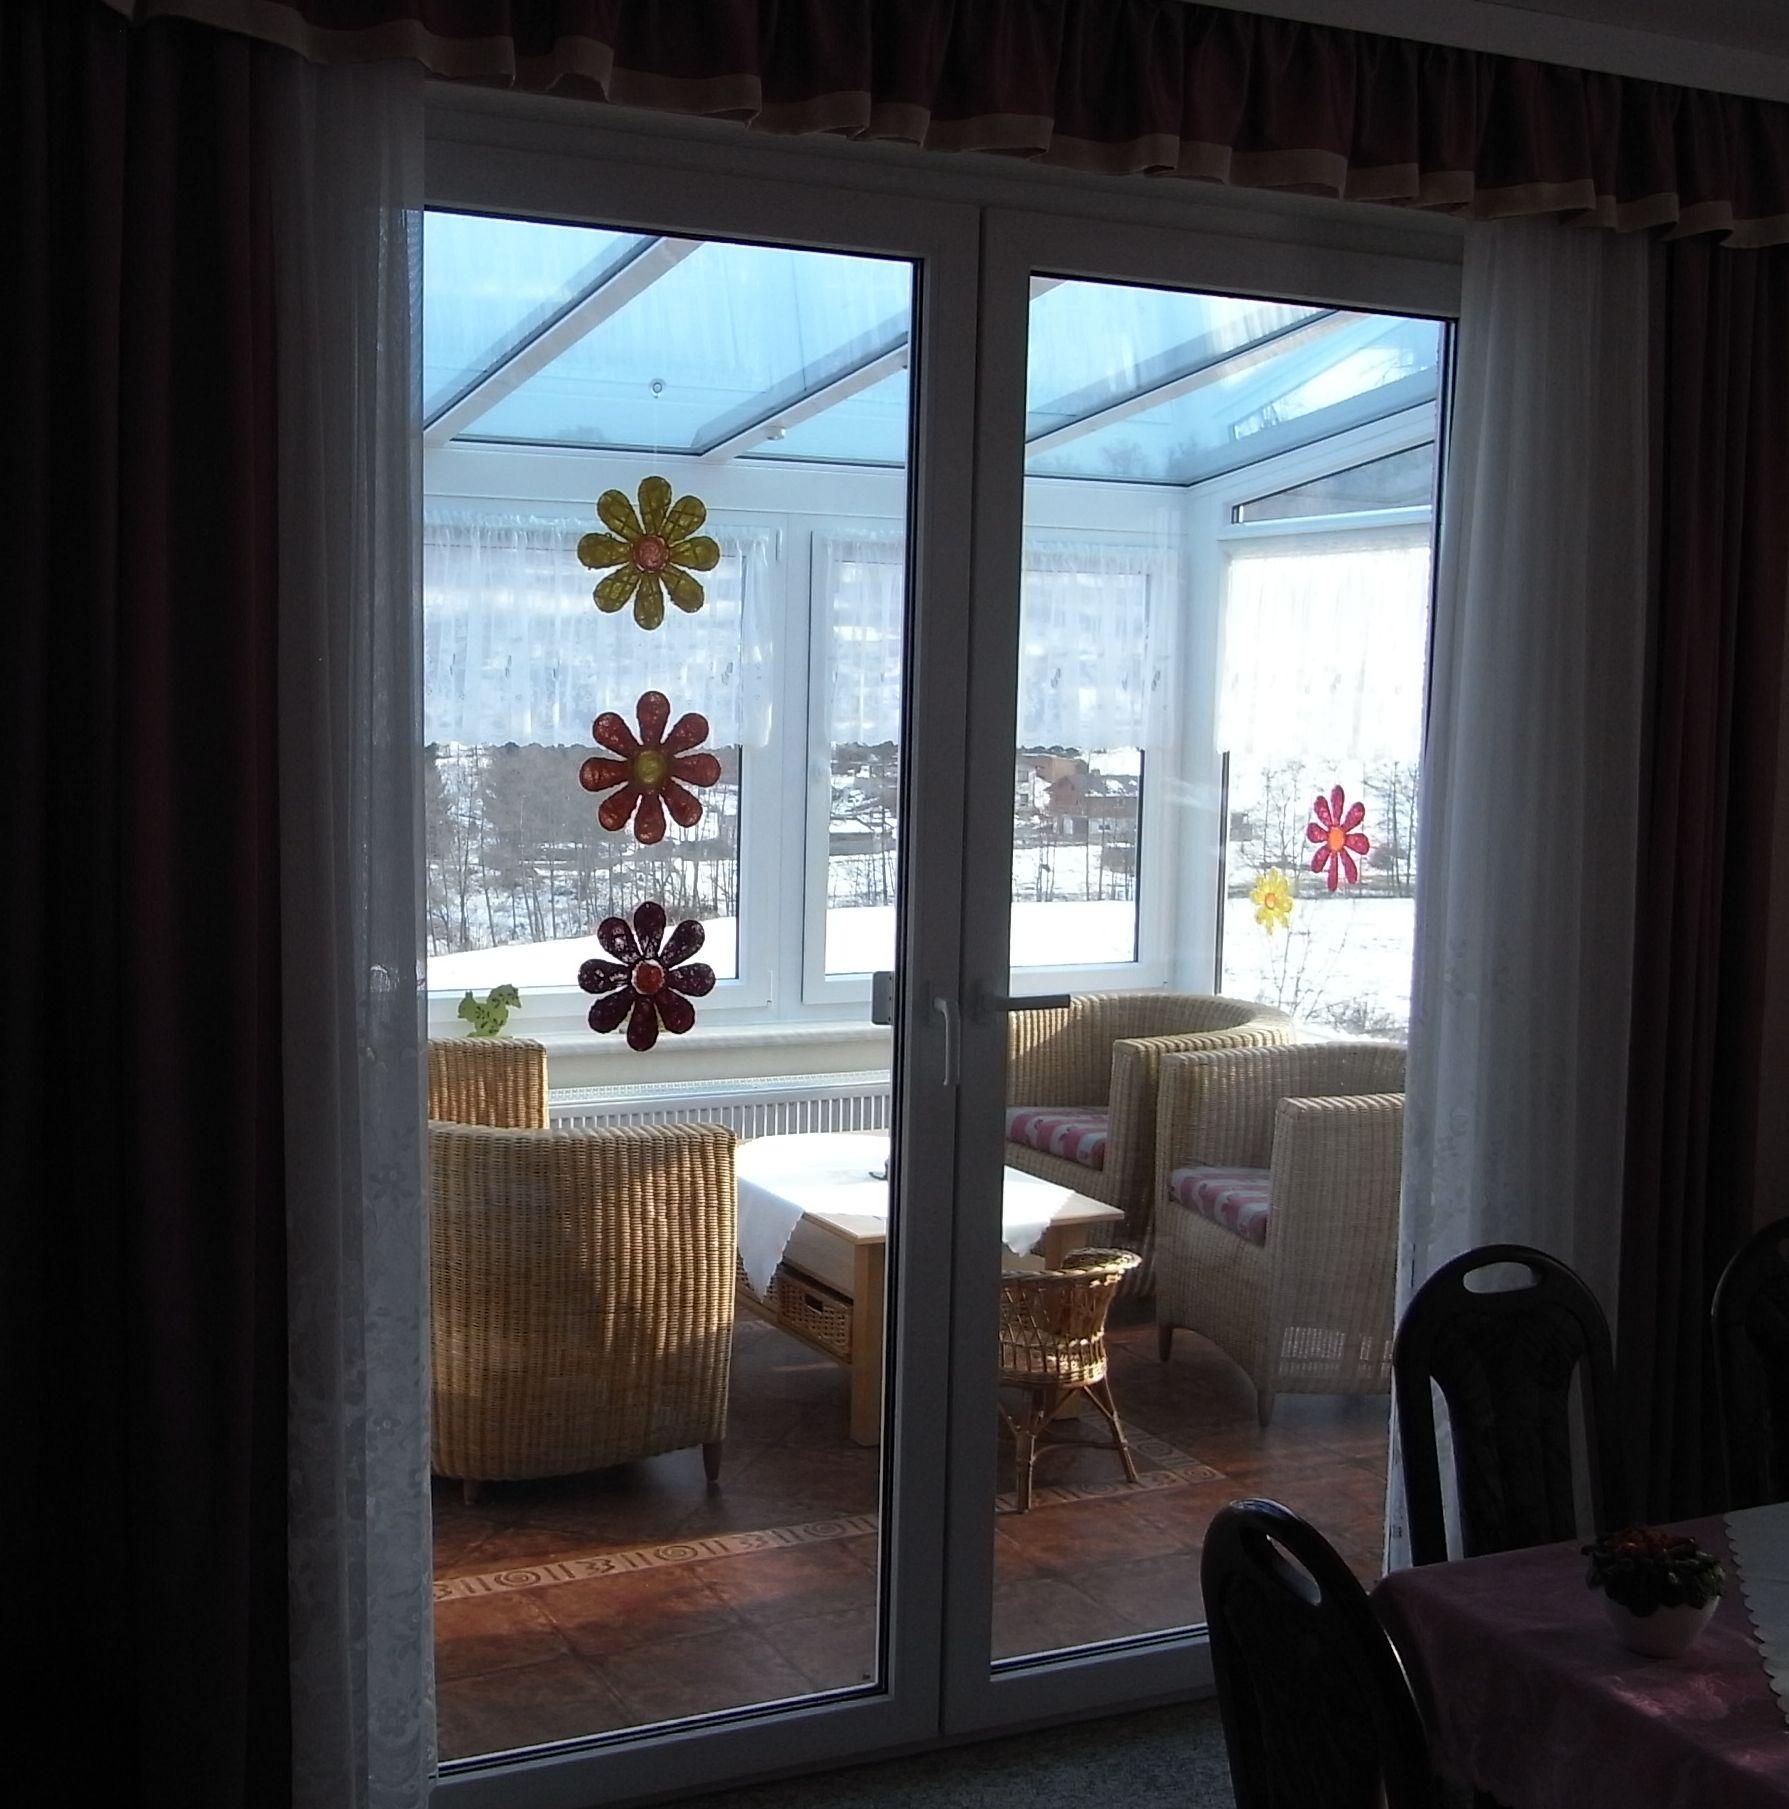 licht blick vom wohnraum in den wintergarten. Black Bedroom Furniture Sets. Home Design Ideas